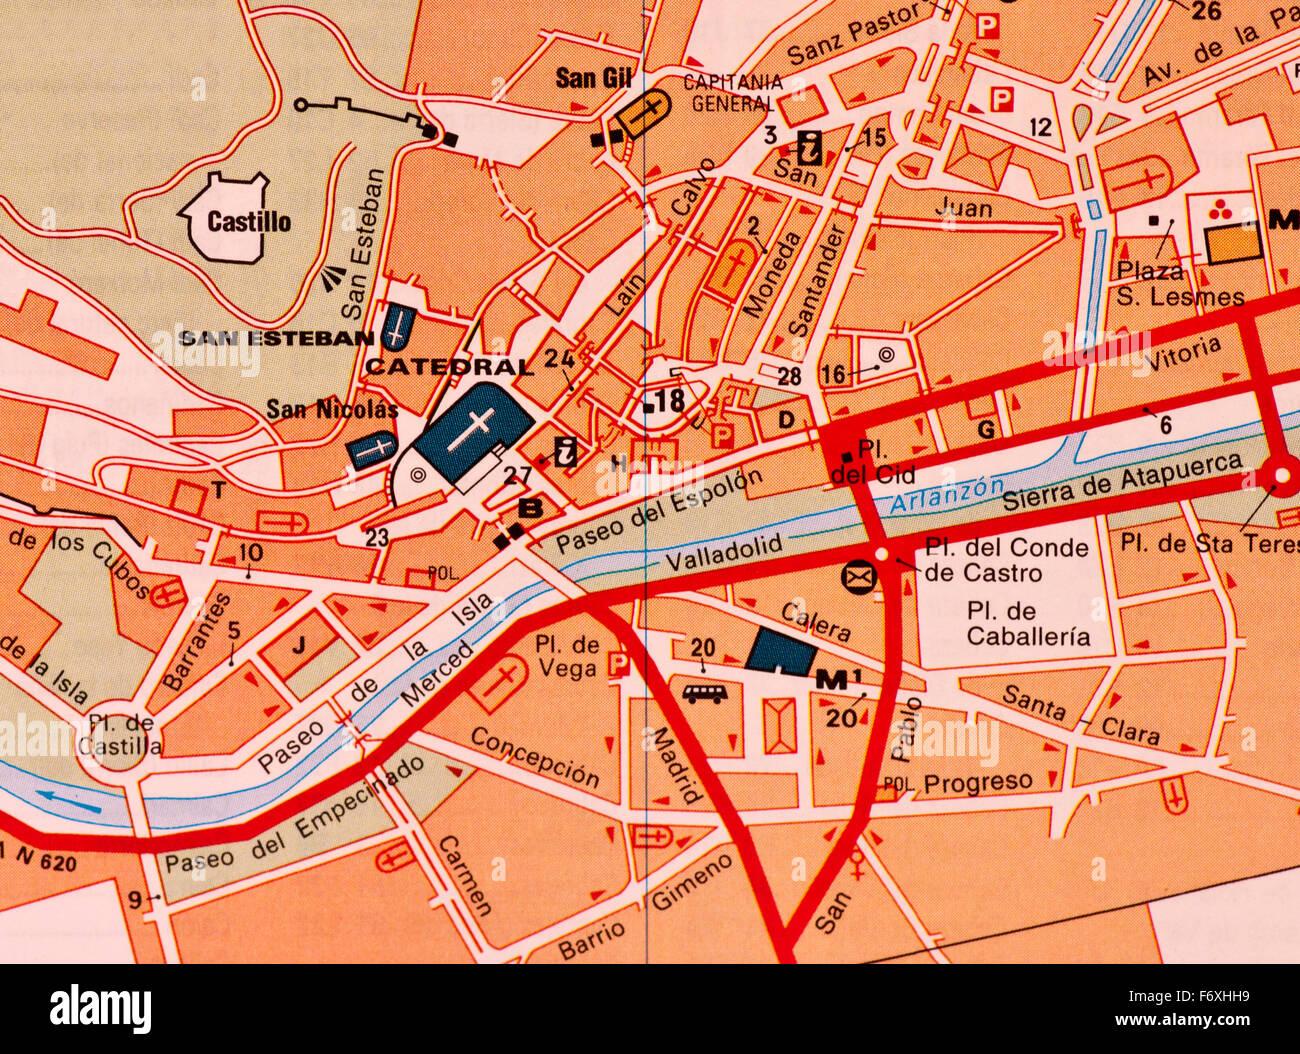 Mapa De Burgos Ciudad.Mapa Callejero De La Ciudad Espanola De Burgos Espana Foto